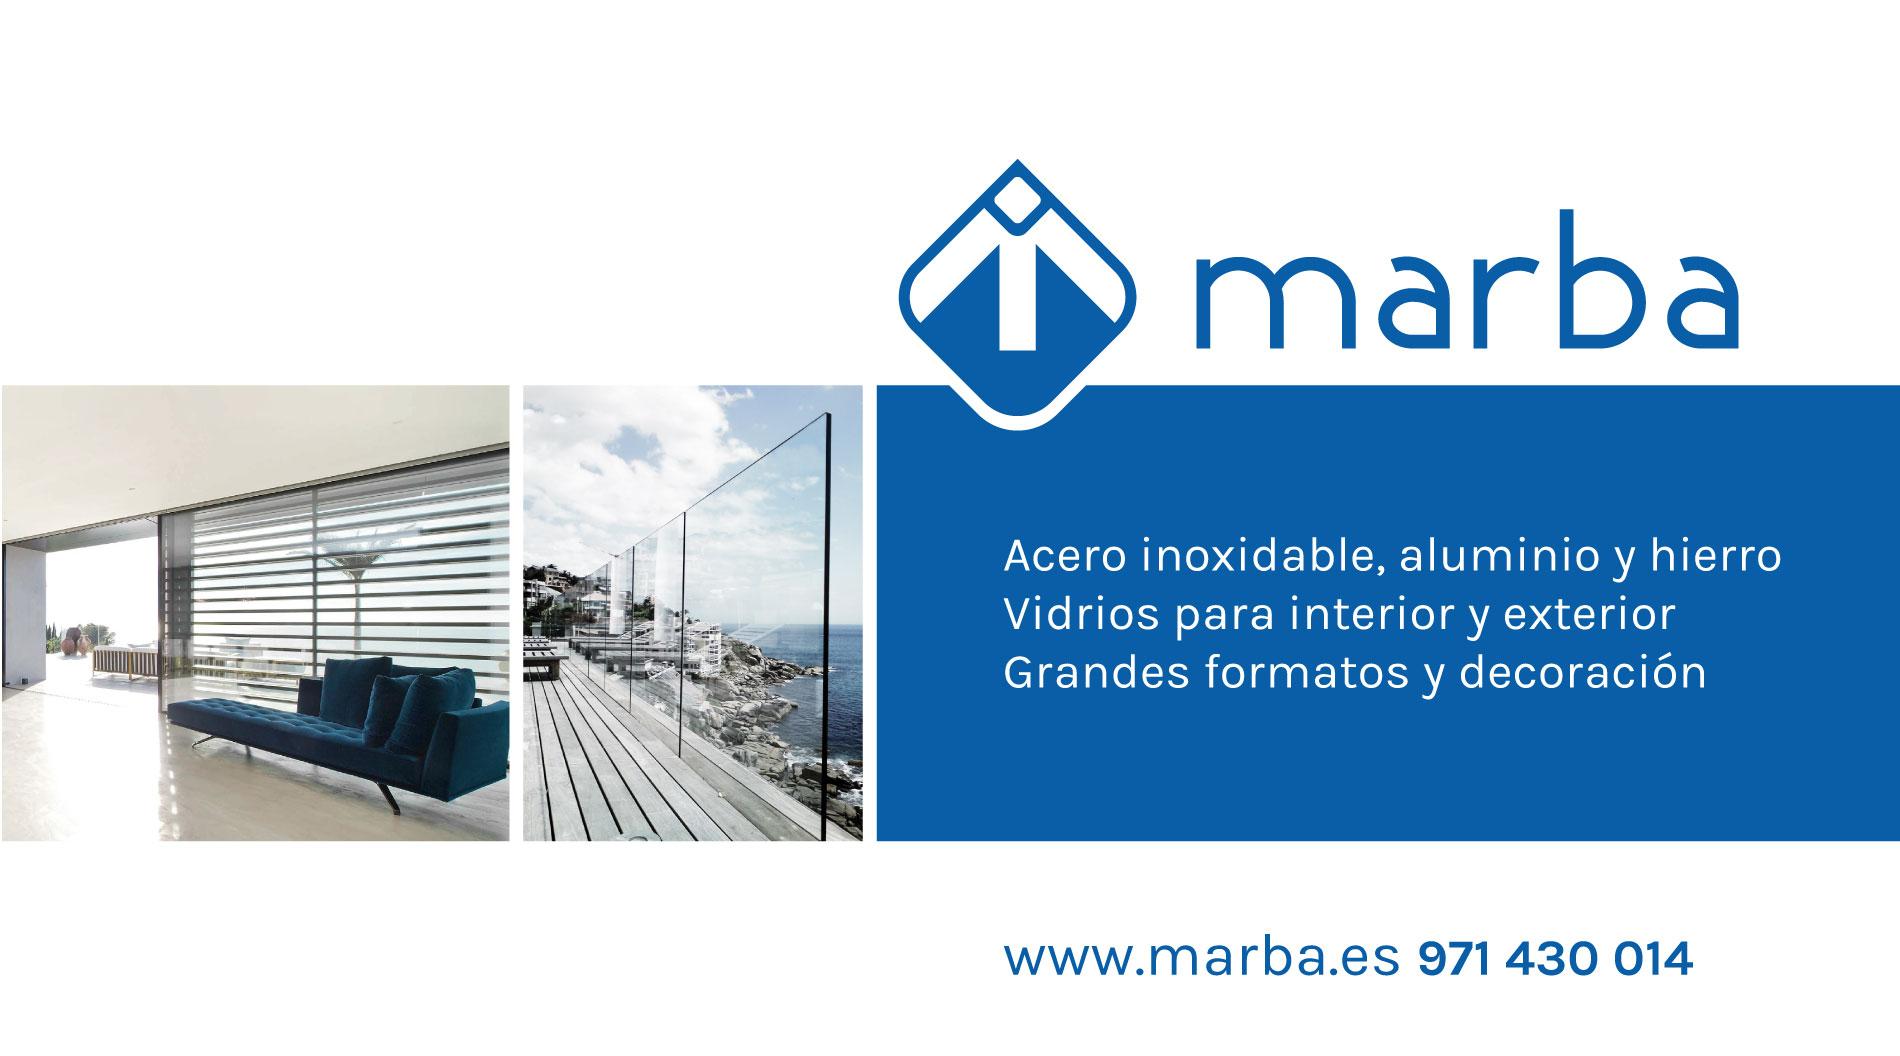 marba_rotulo